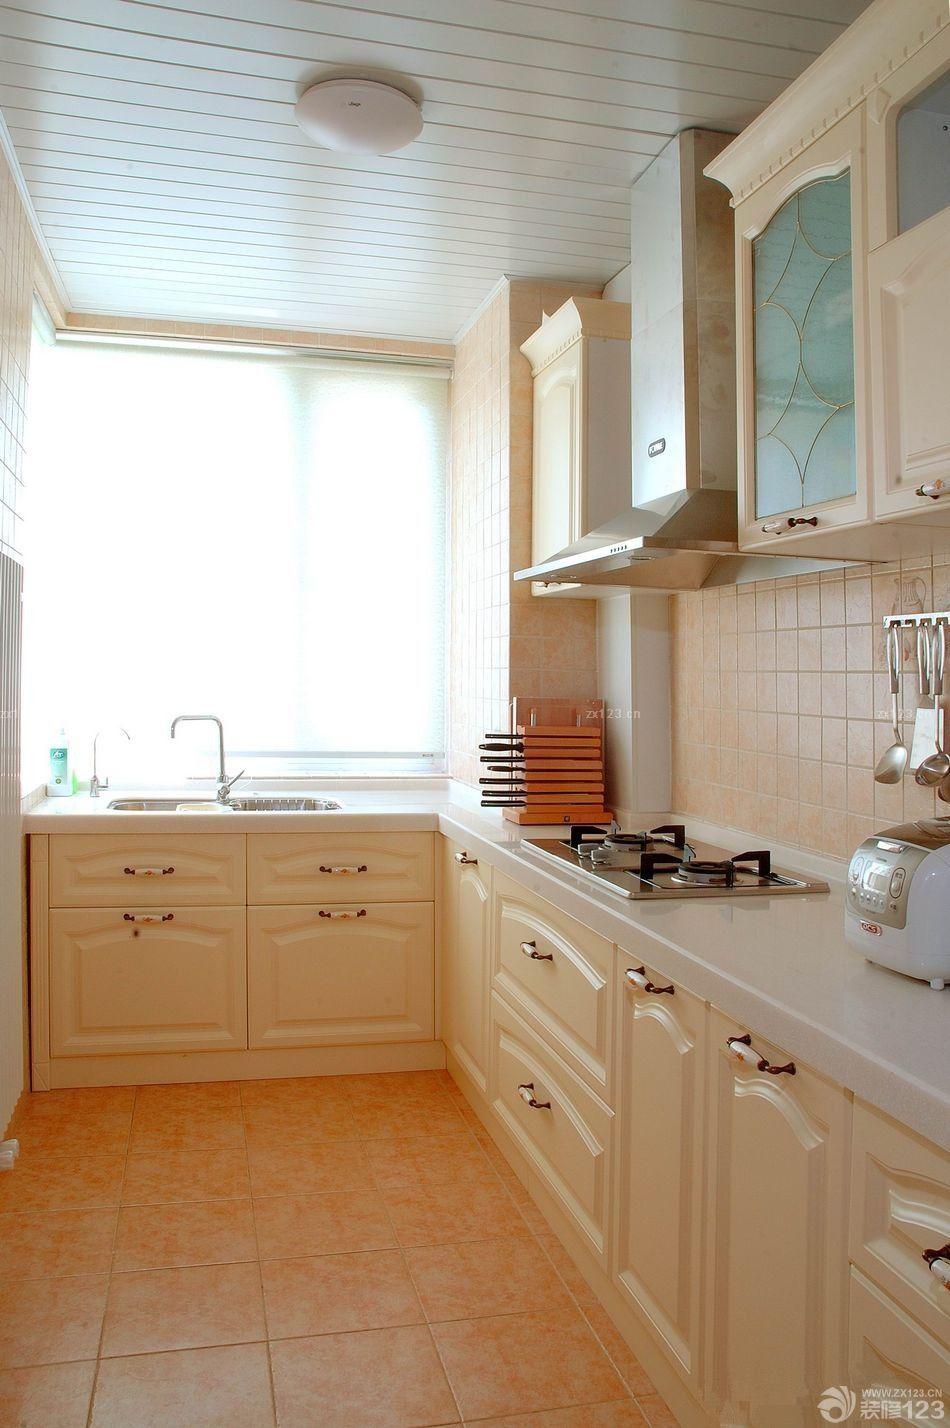 欧式厨房铝扣天花板设计实景图